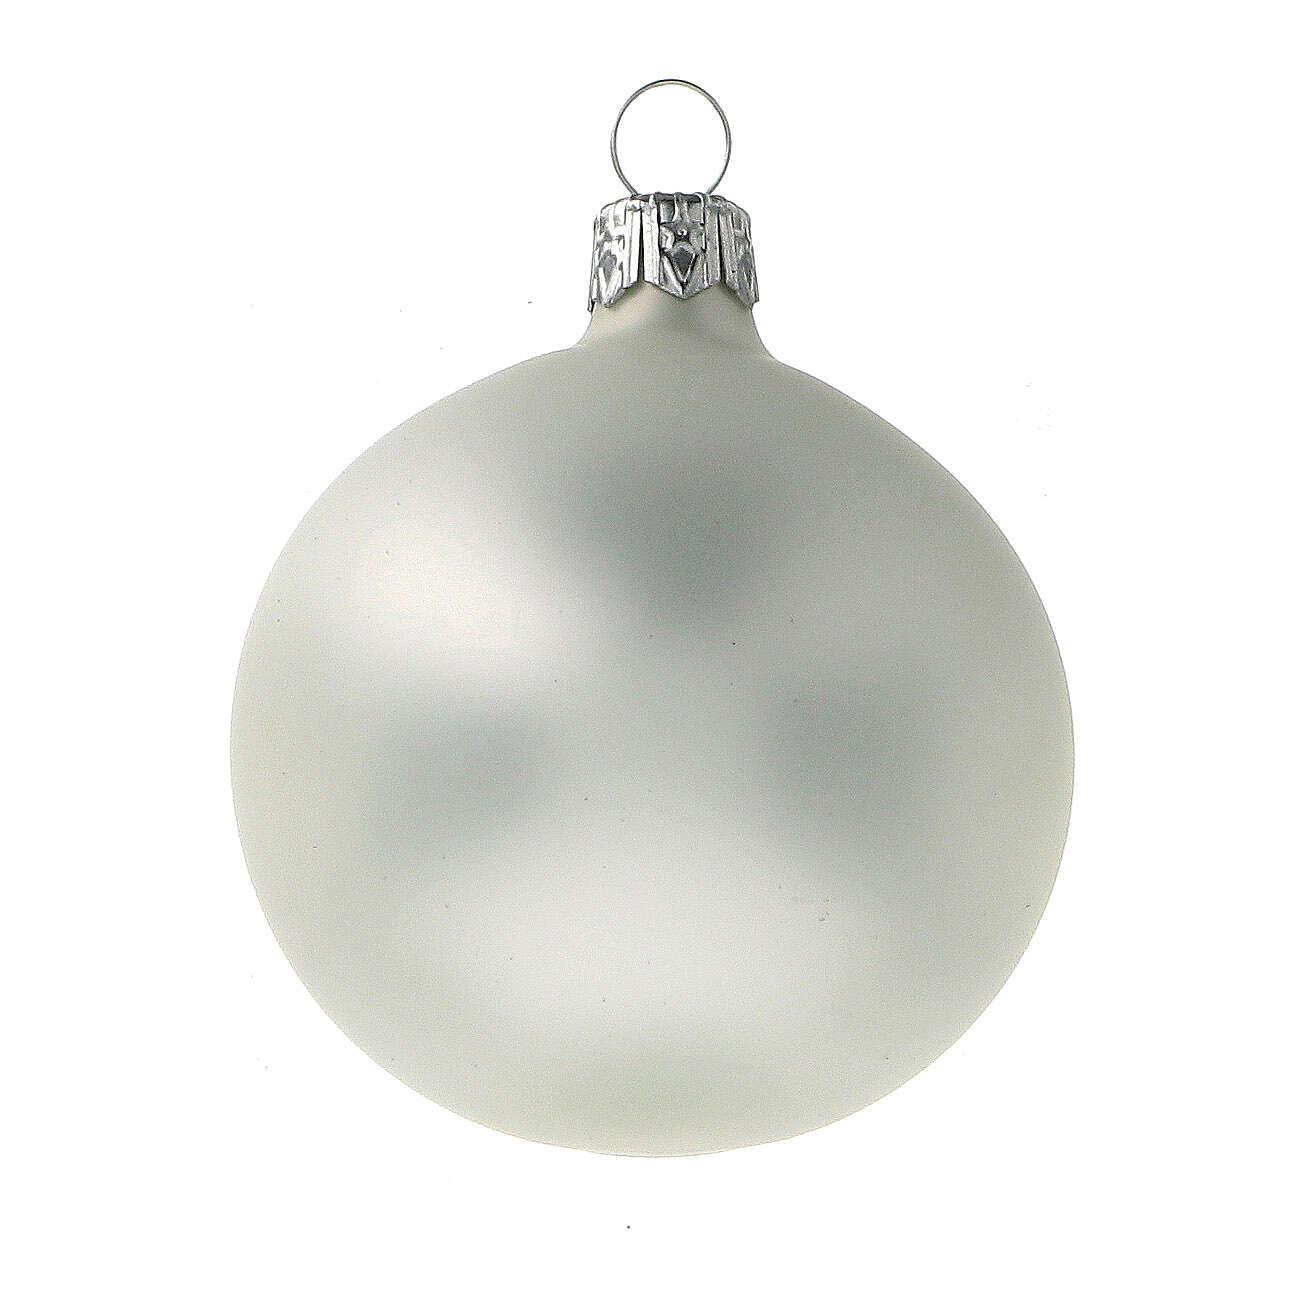 Bolas árvore de Natal vidro soprado cinza pérola opaco 60 mm 6 unidades 4